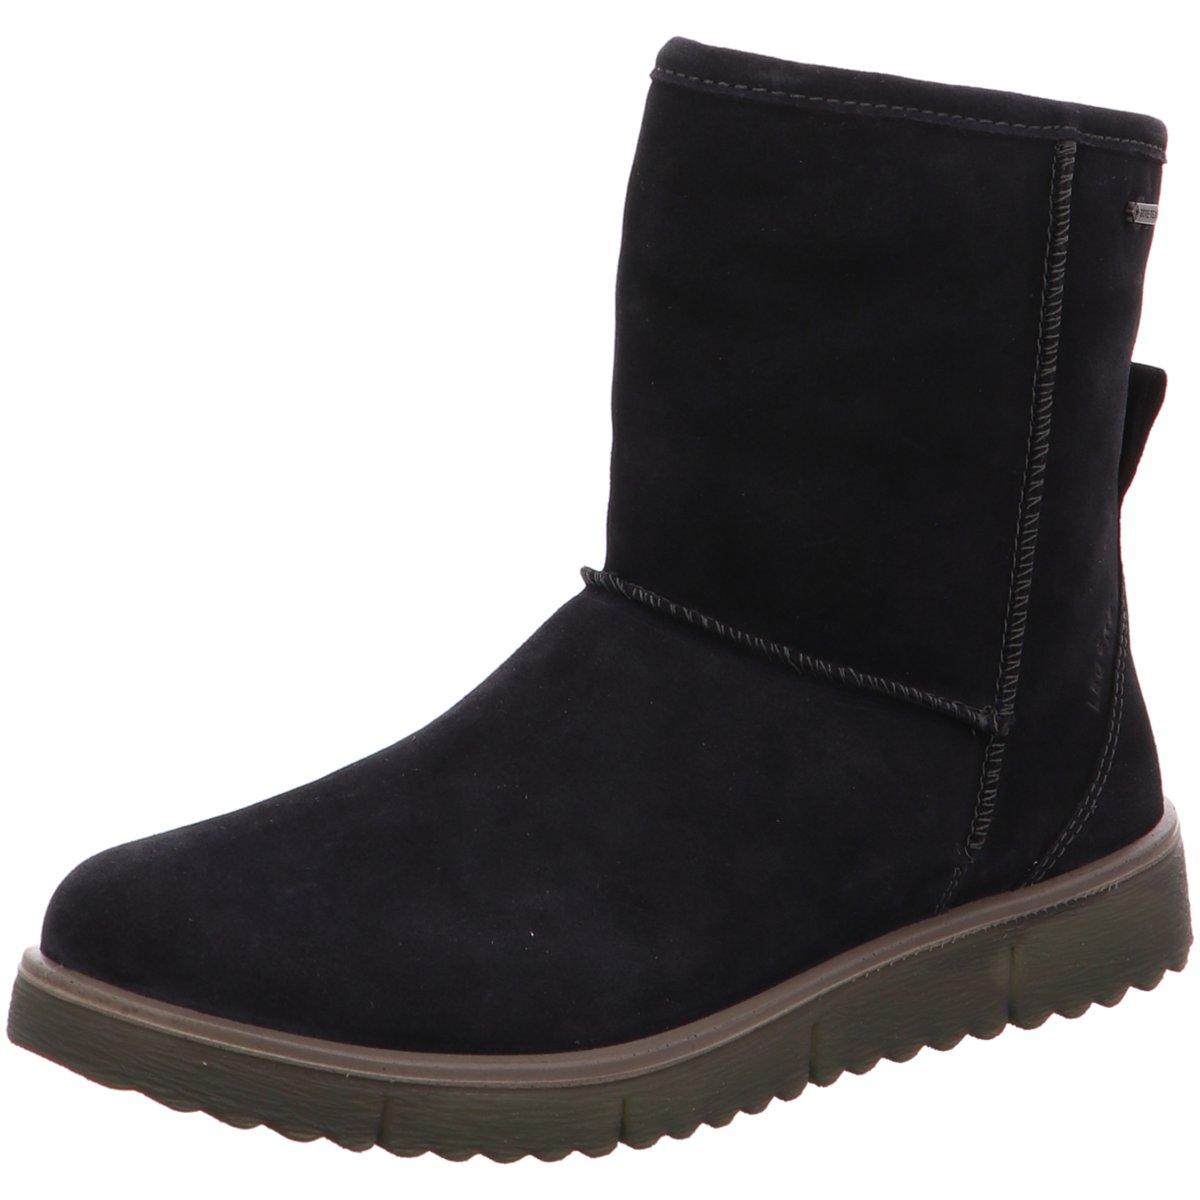 Online-Verkauf weltweit verkauft verschiedene Stile Details zu Legero Damen Stiefeletten Winterstiefel Goretex 654-80 blau  340287